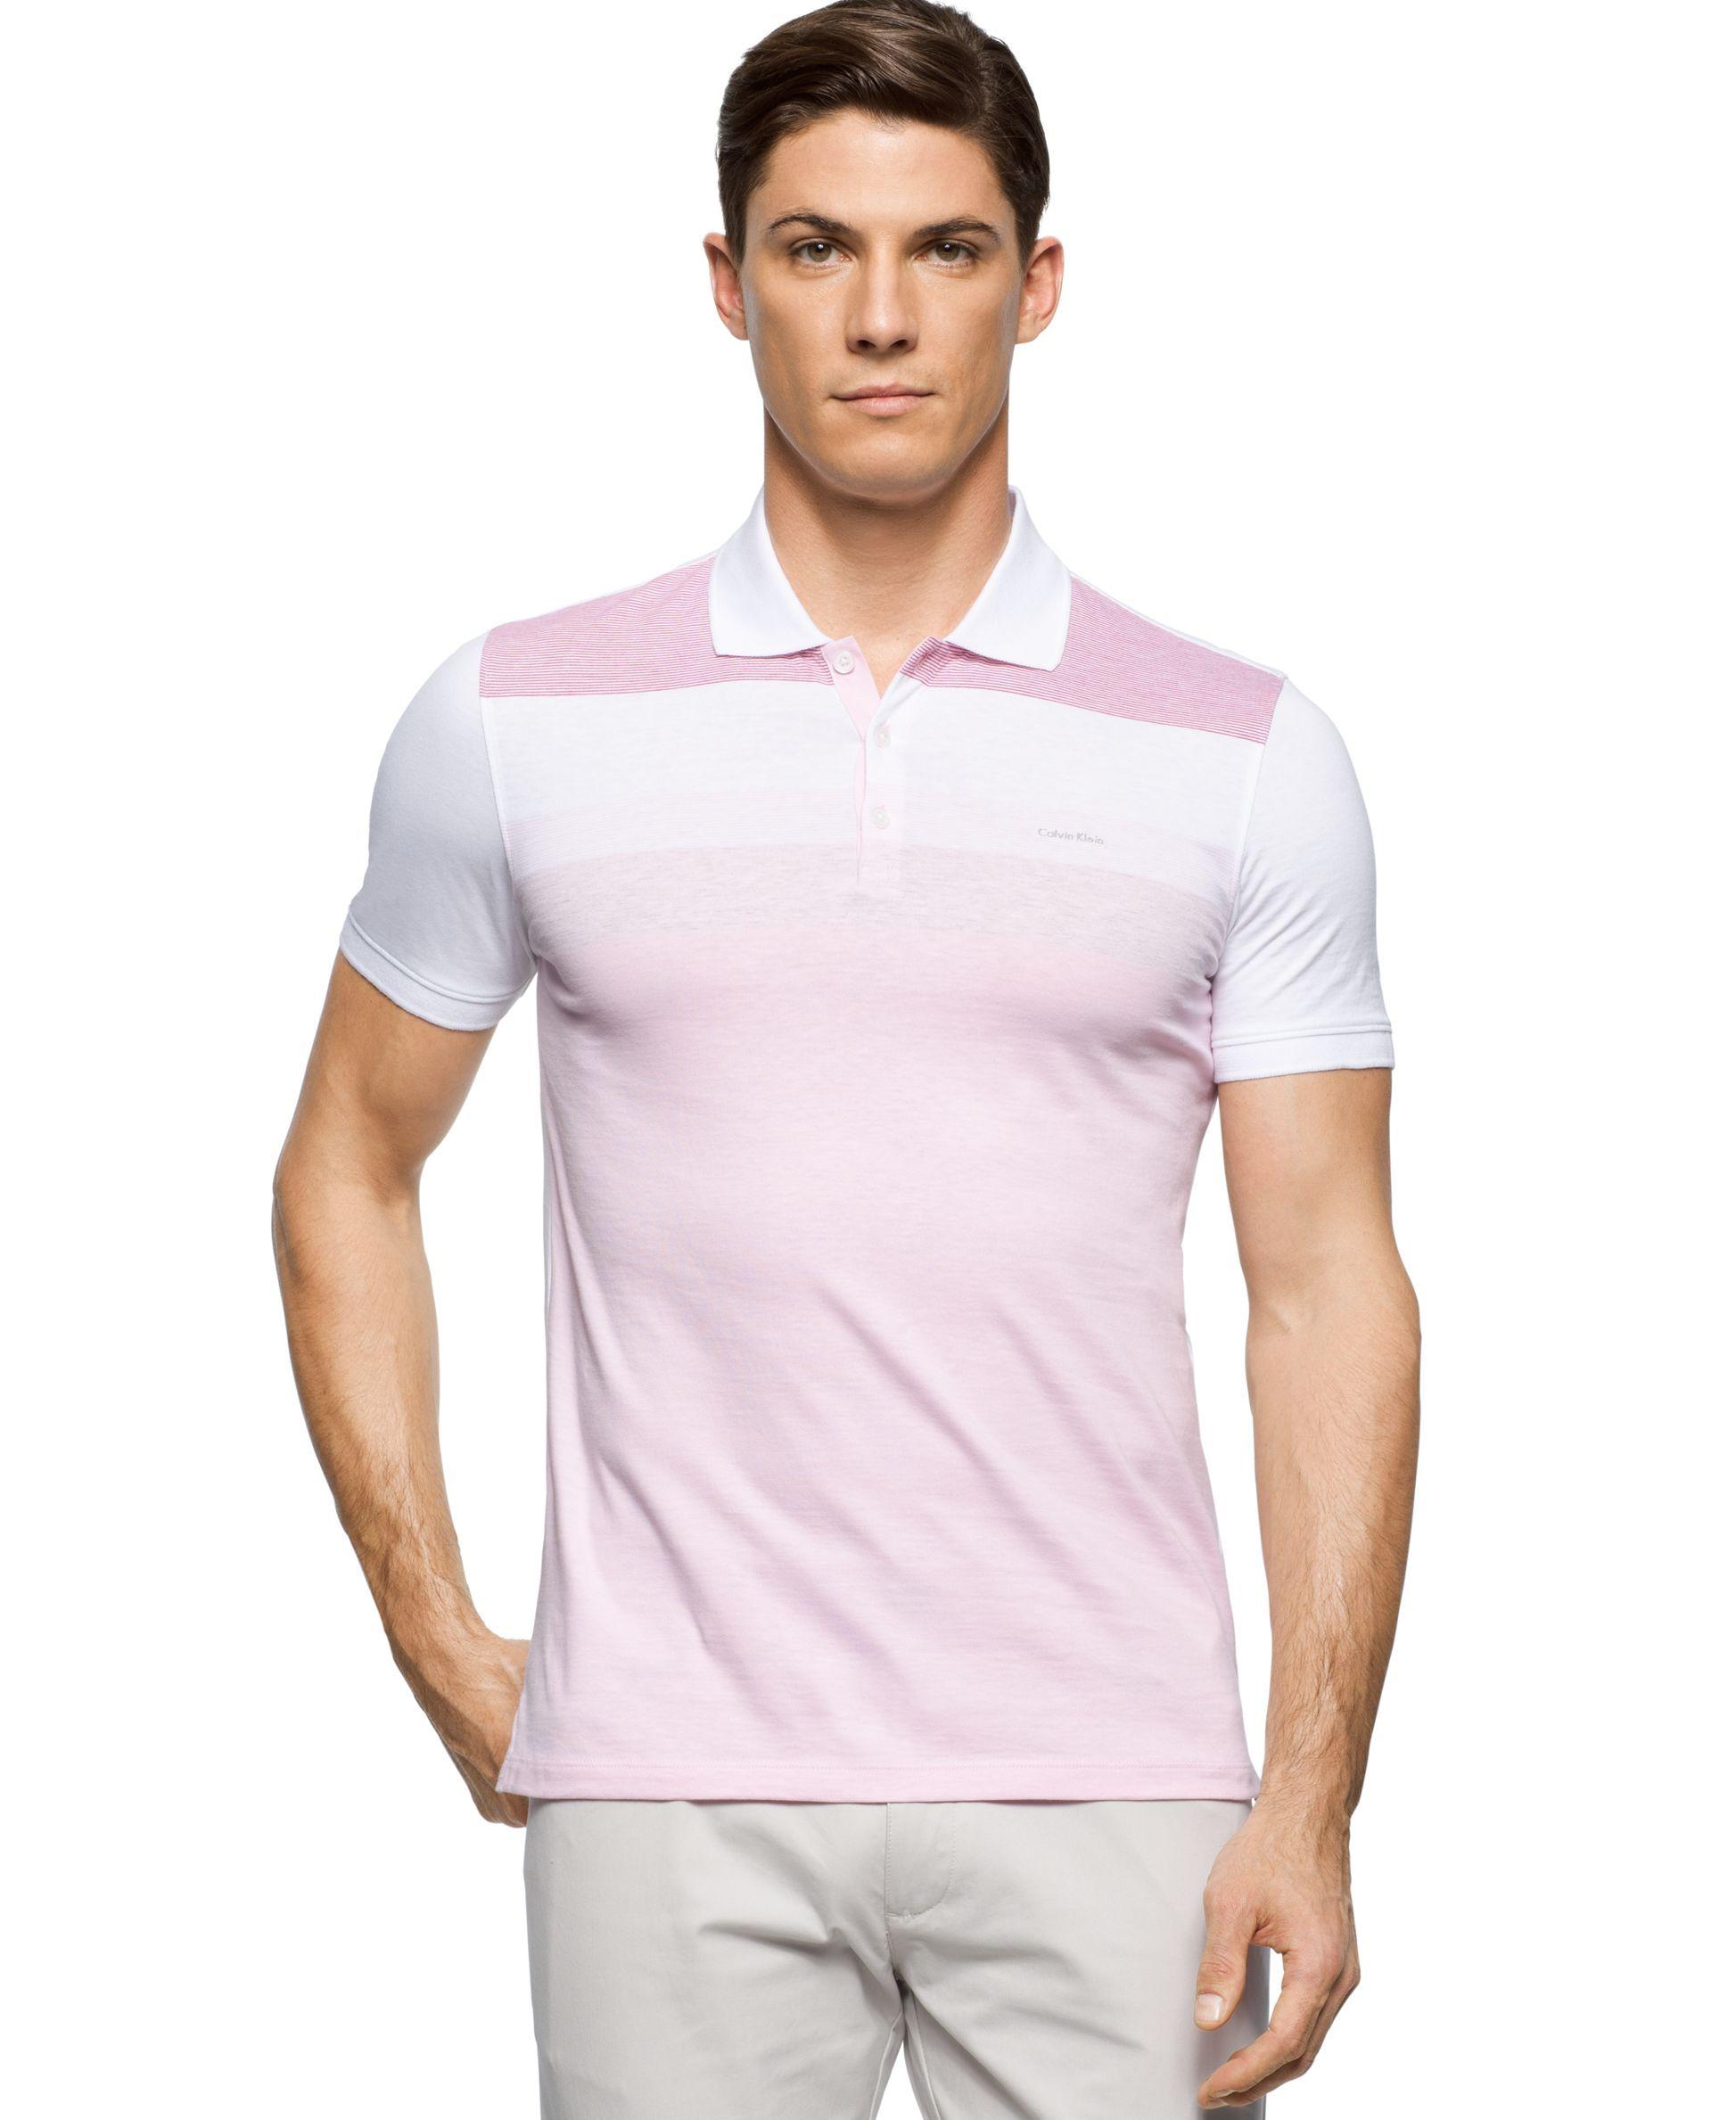 Calvin Klein Colorblocked Liquid Cotton Polo Shirt Polos